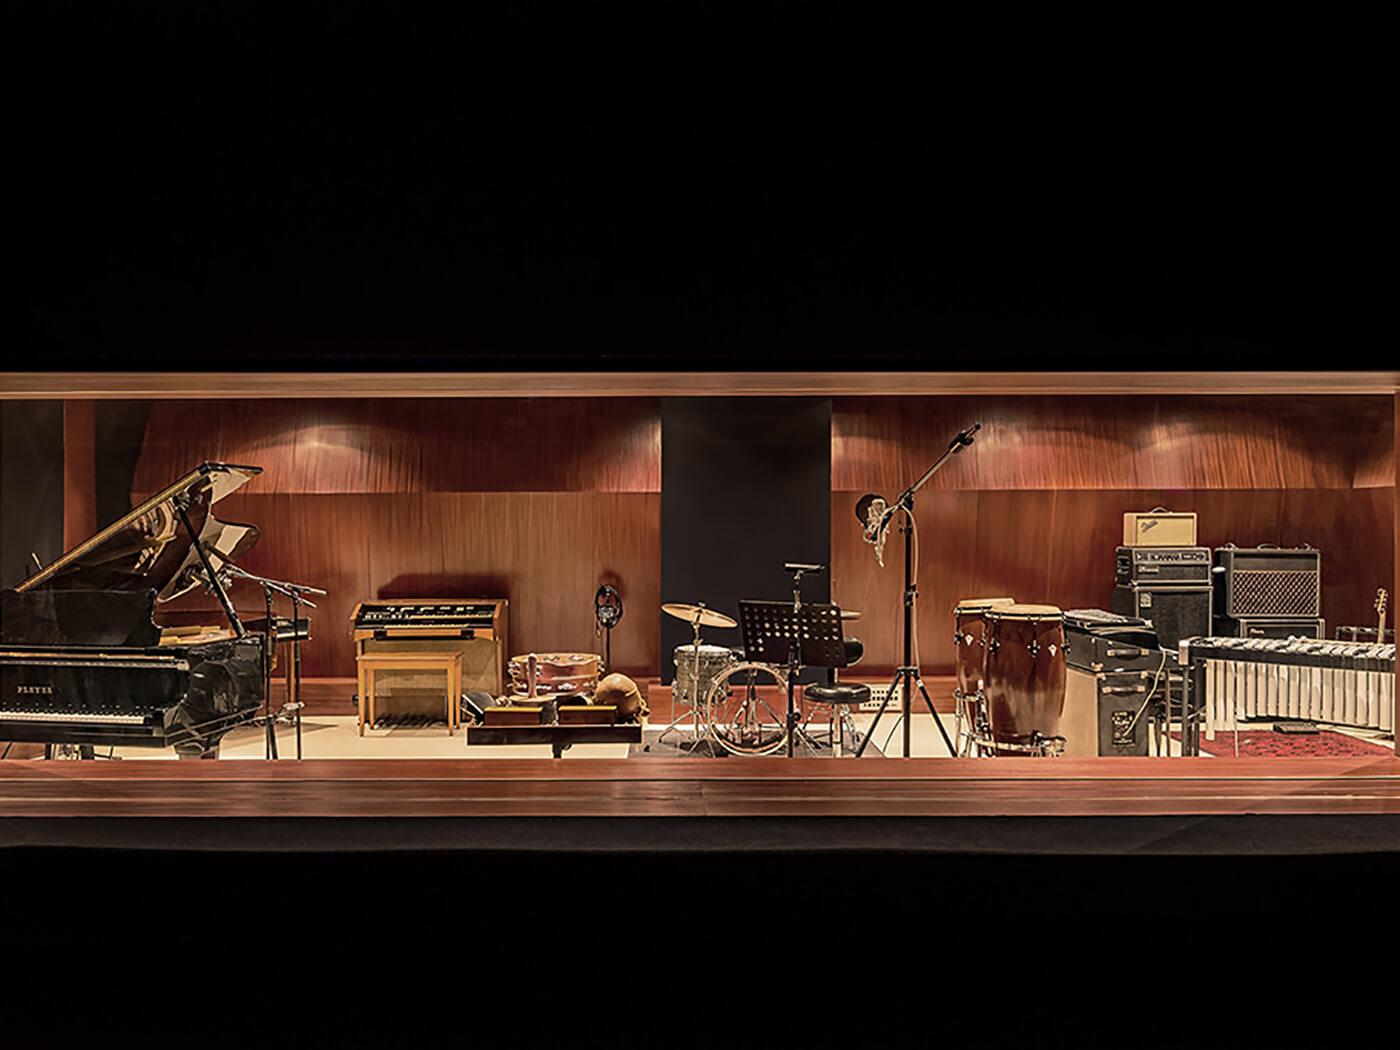 Atlas Studio